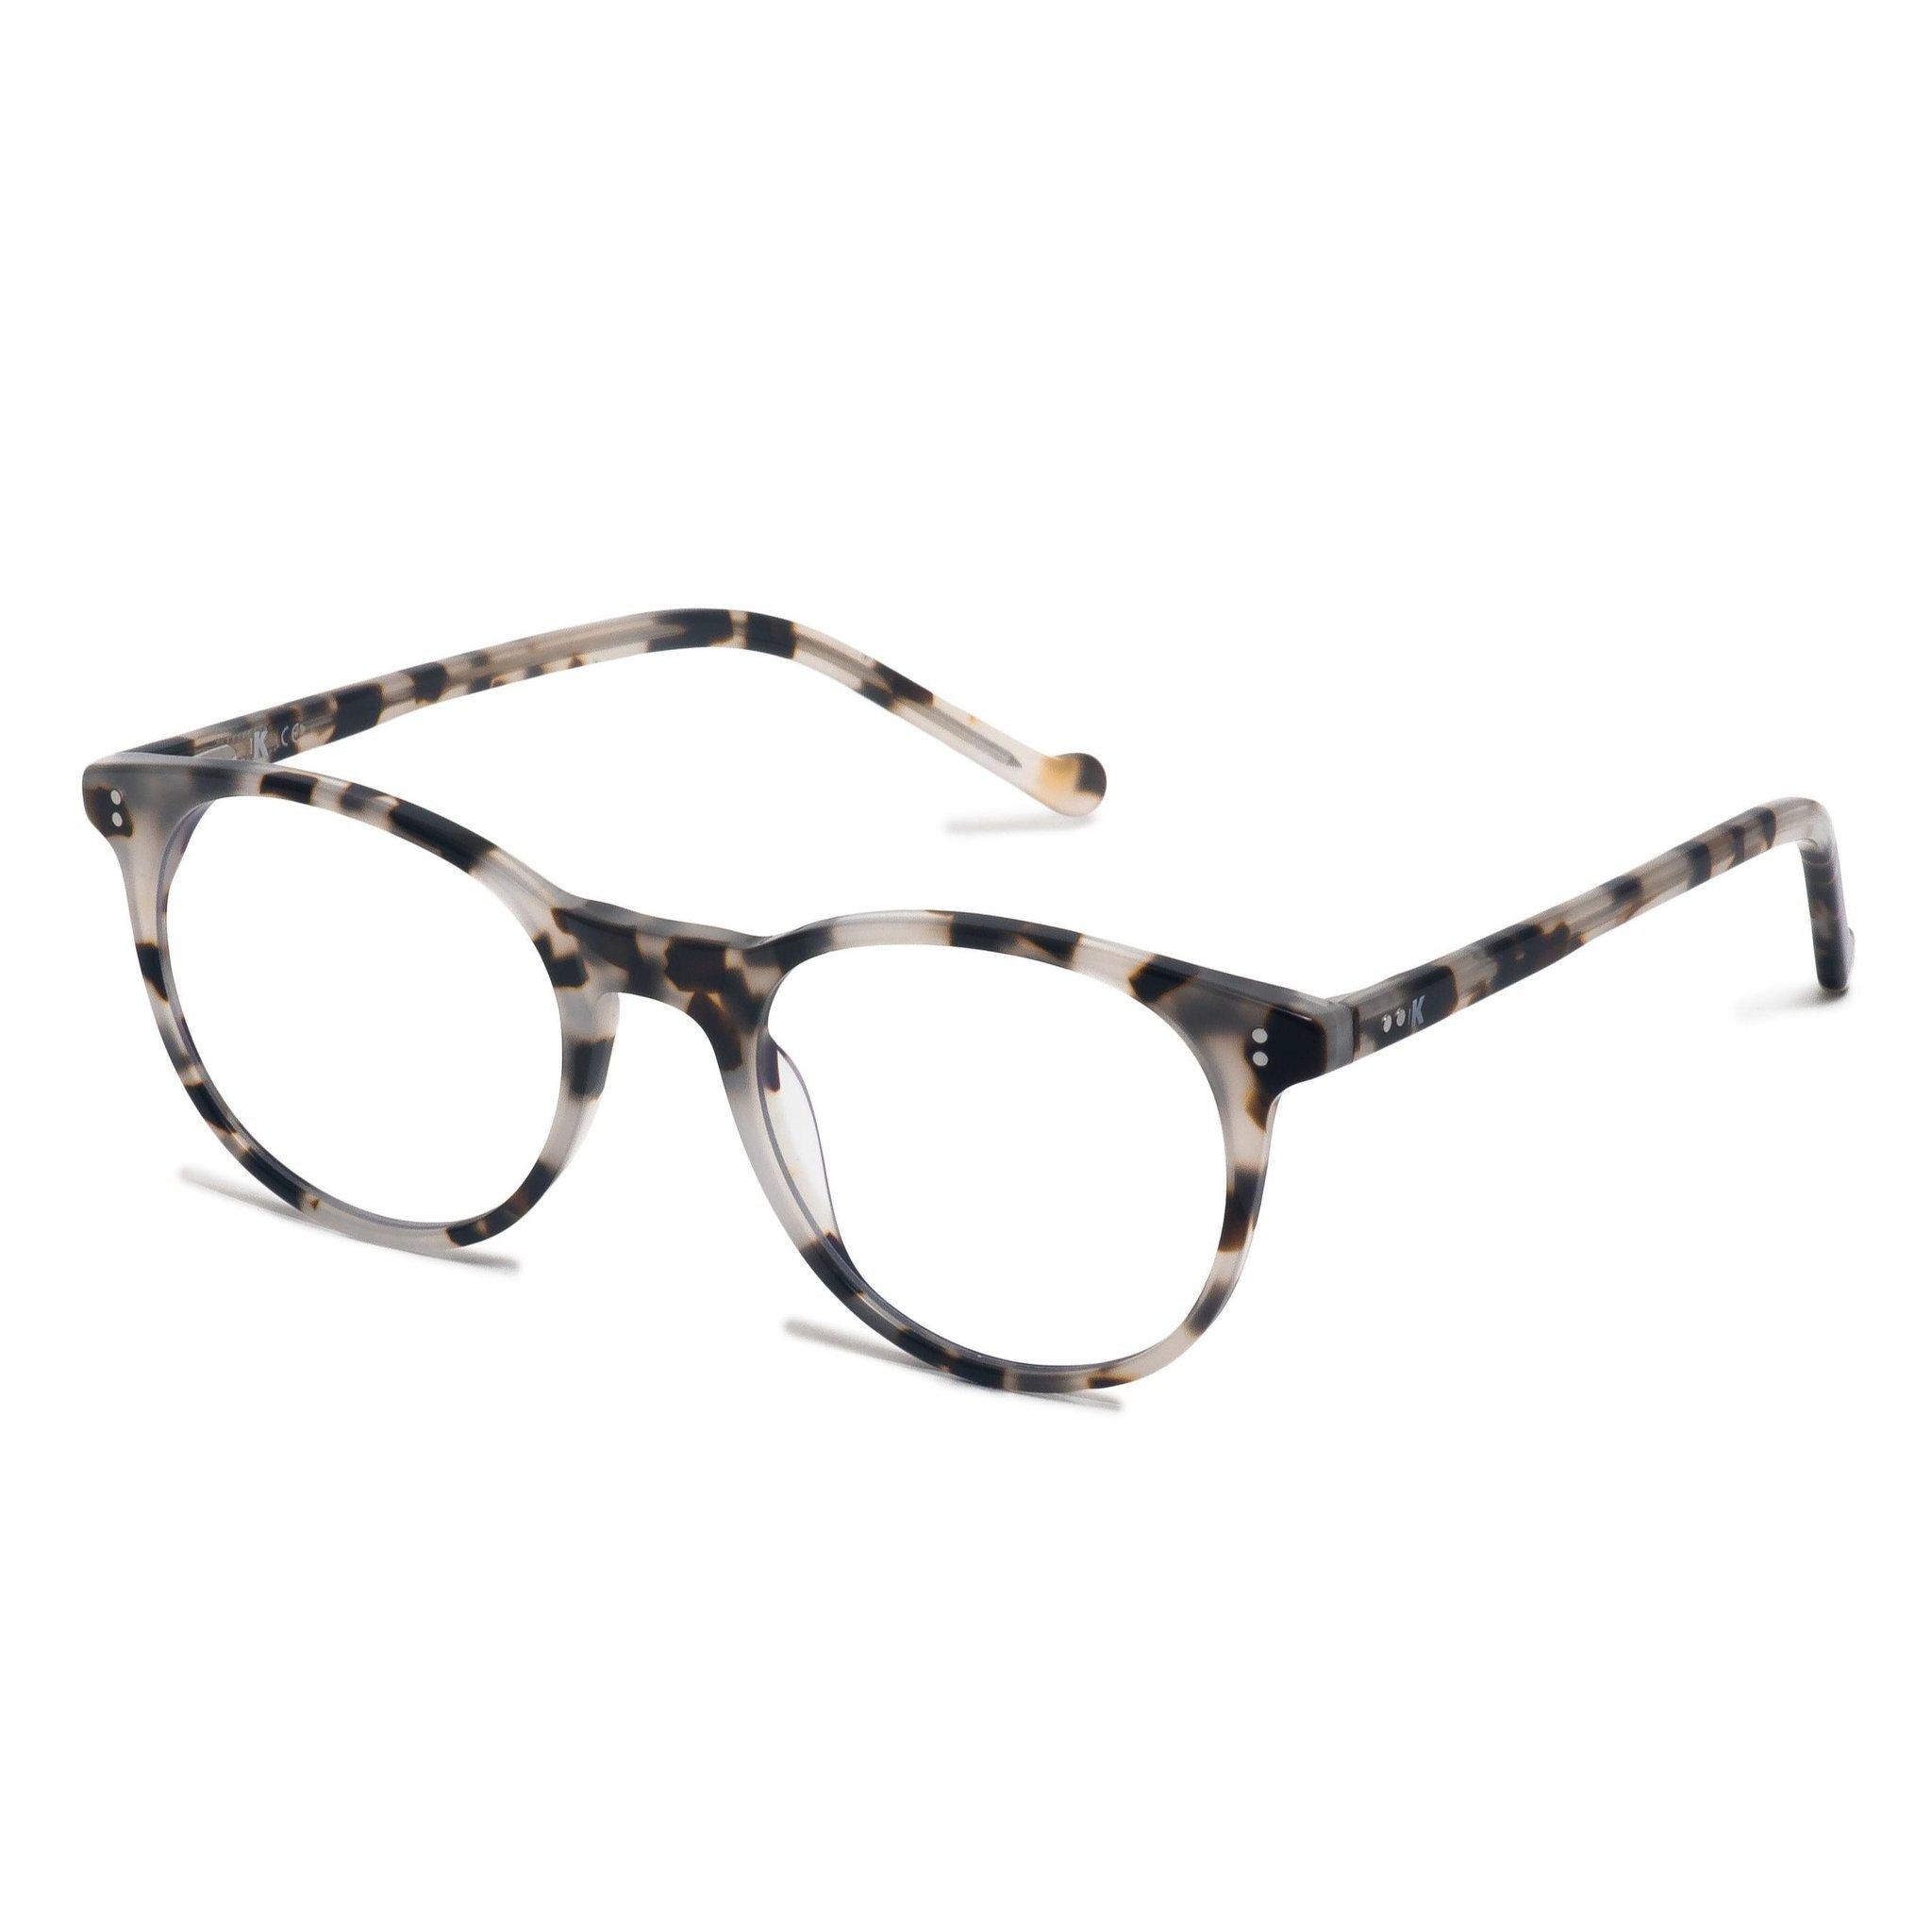 Karch Co Blue Light Glasses Discount Coupon Sale